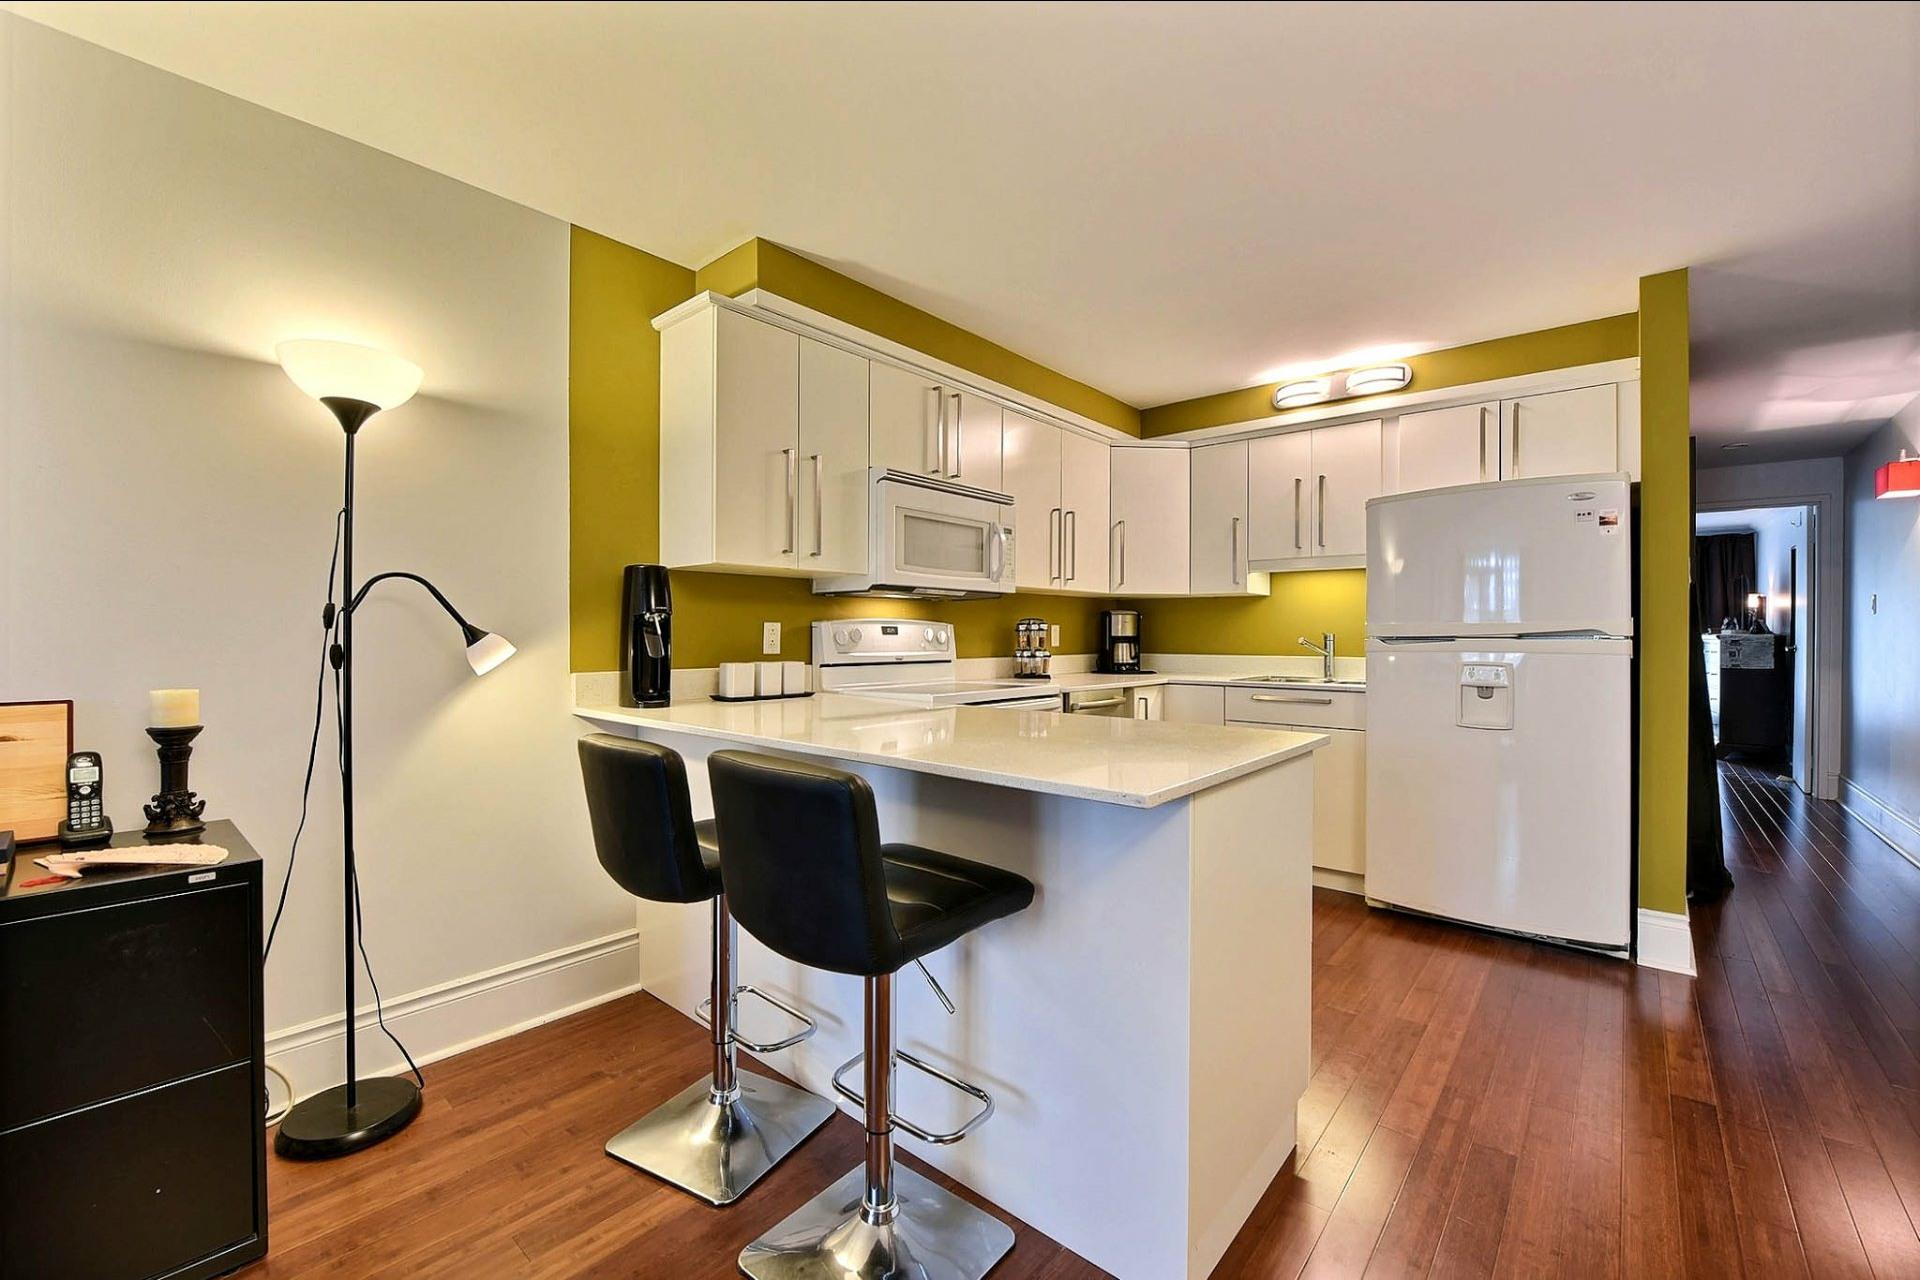 image 6 - Apartment For sale Montréal Mercier/Hochelaga-Maisonneuve  - 5 rooms